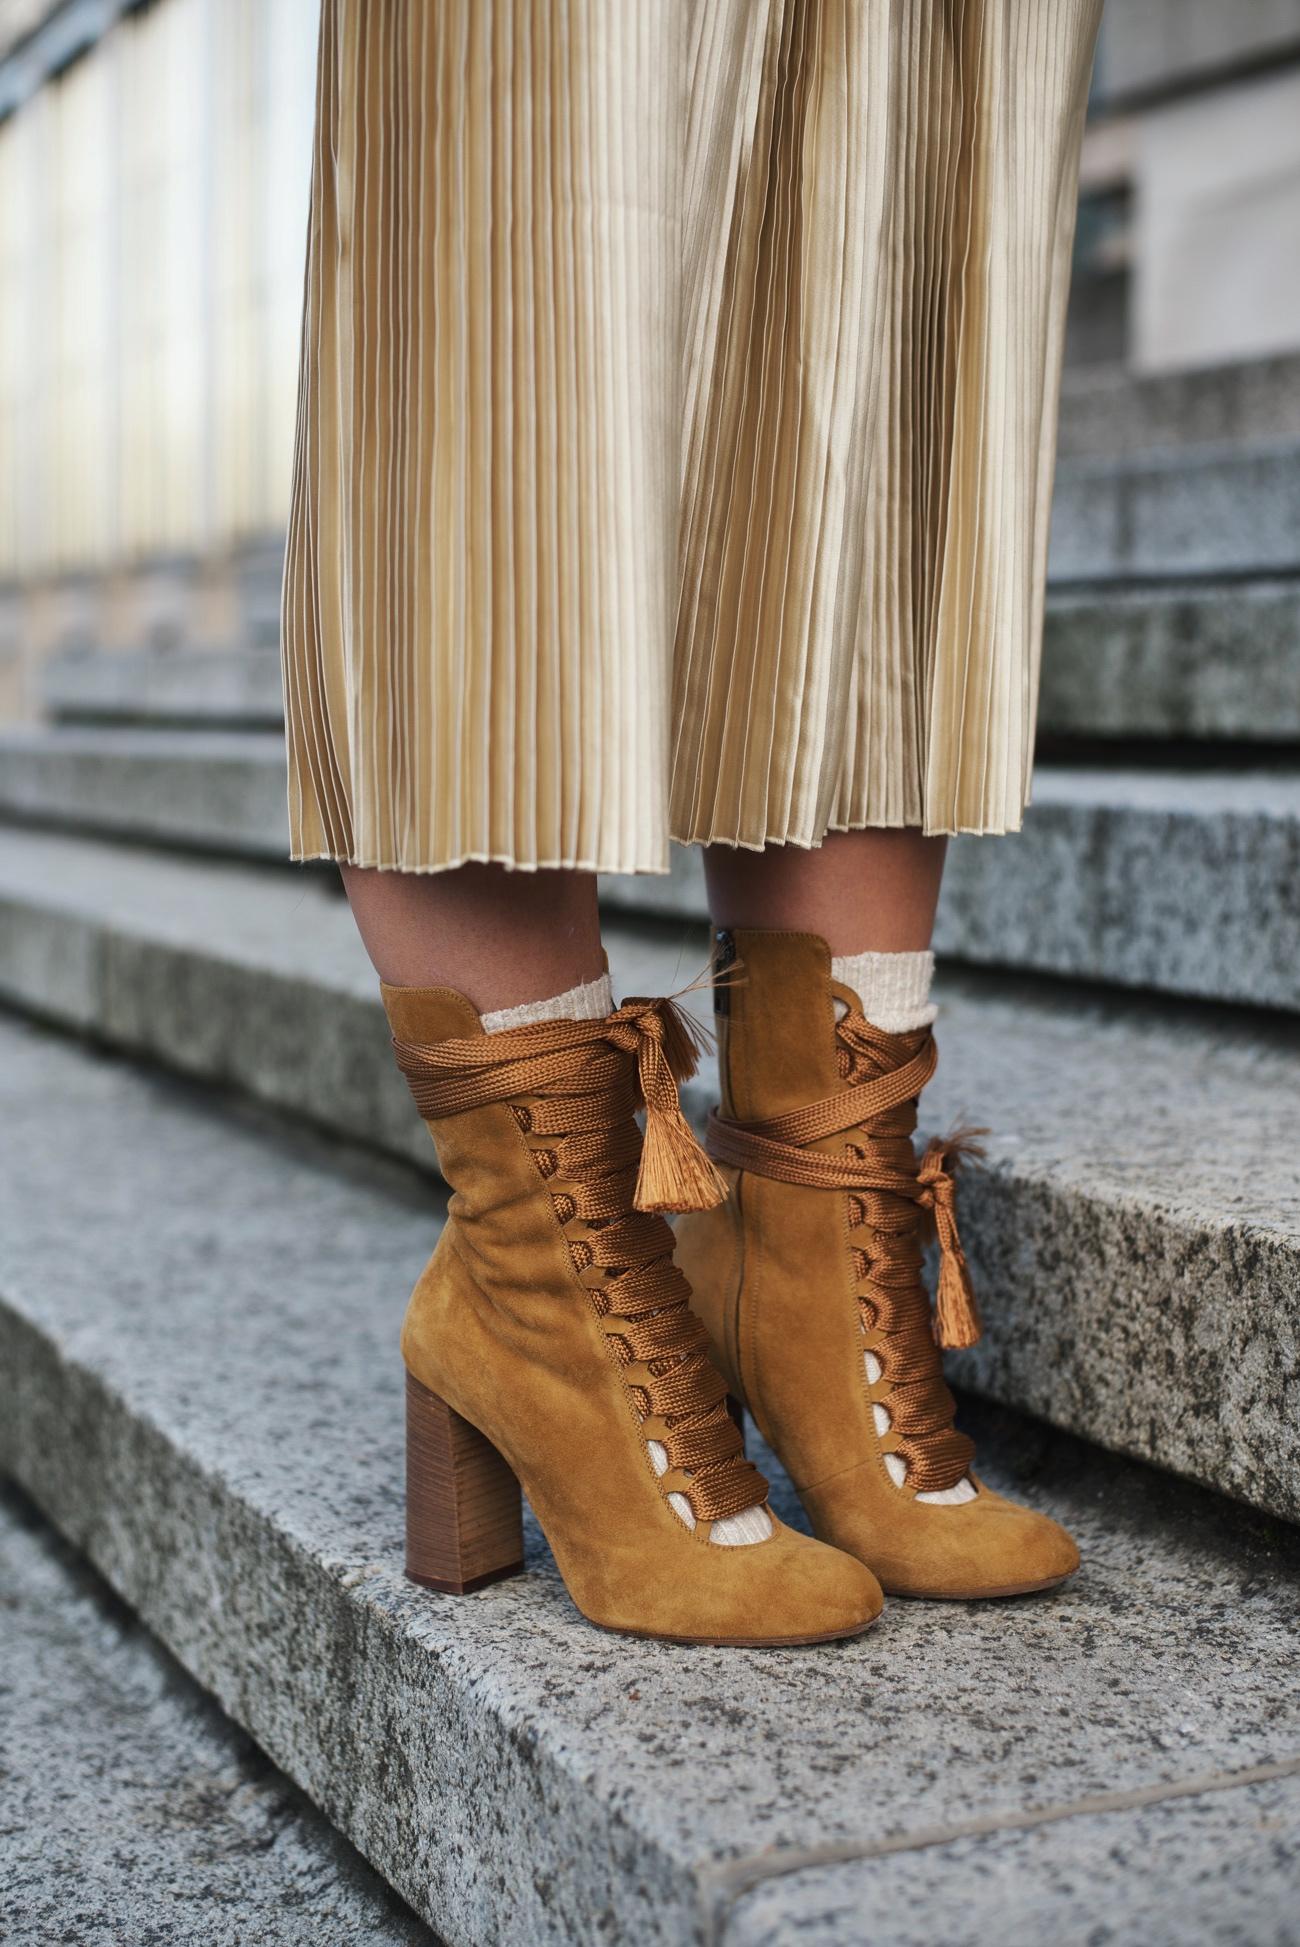 chloe-harper-boots-braun-wildleder-hoher-absatz-nina-schwichtenberg